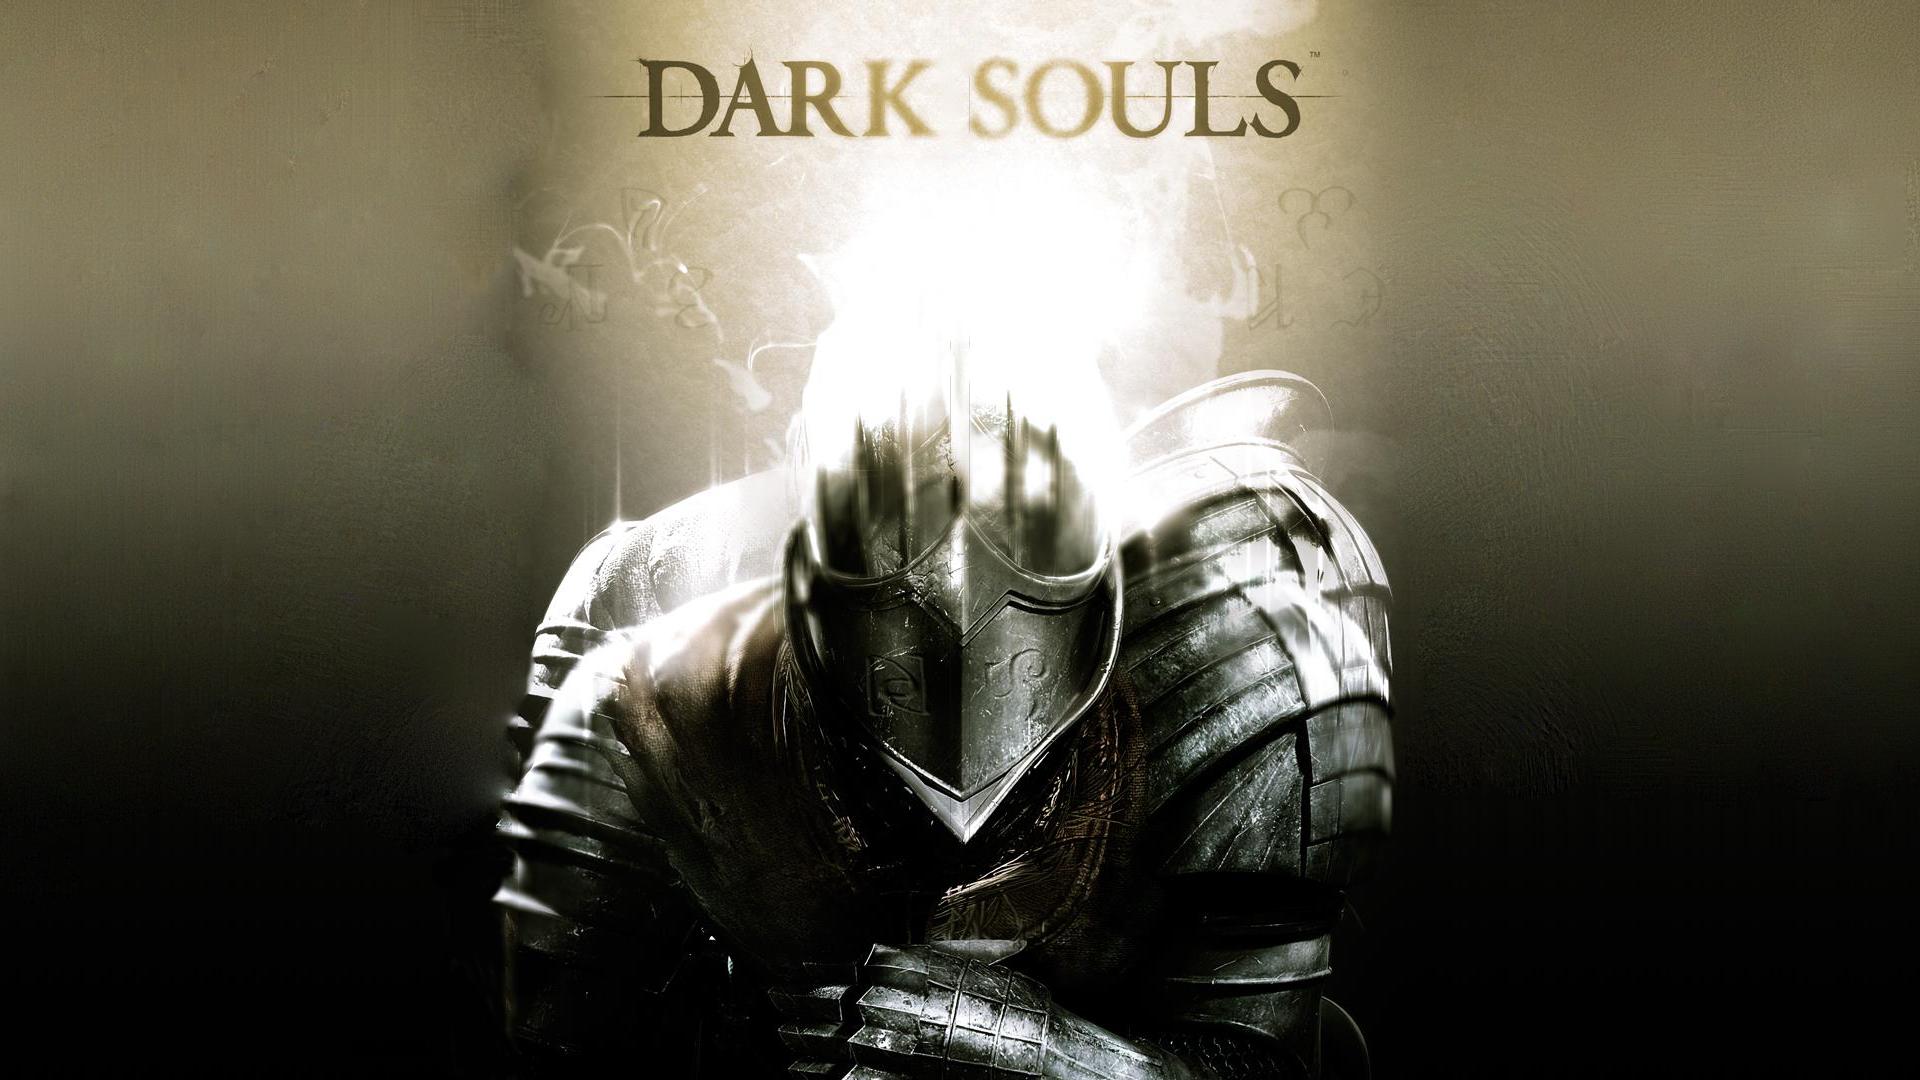 Dark Souls The Chosen Undead Dark Souls Wallpaper Dark Souls Dark Souls Armor